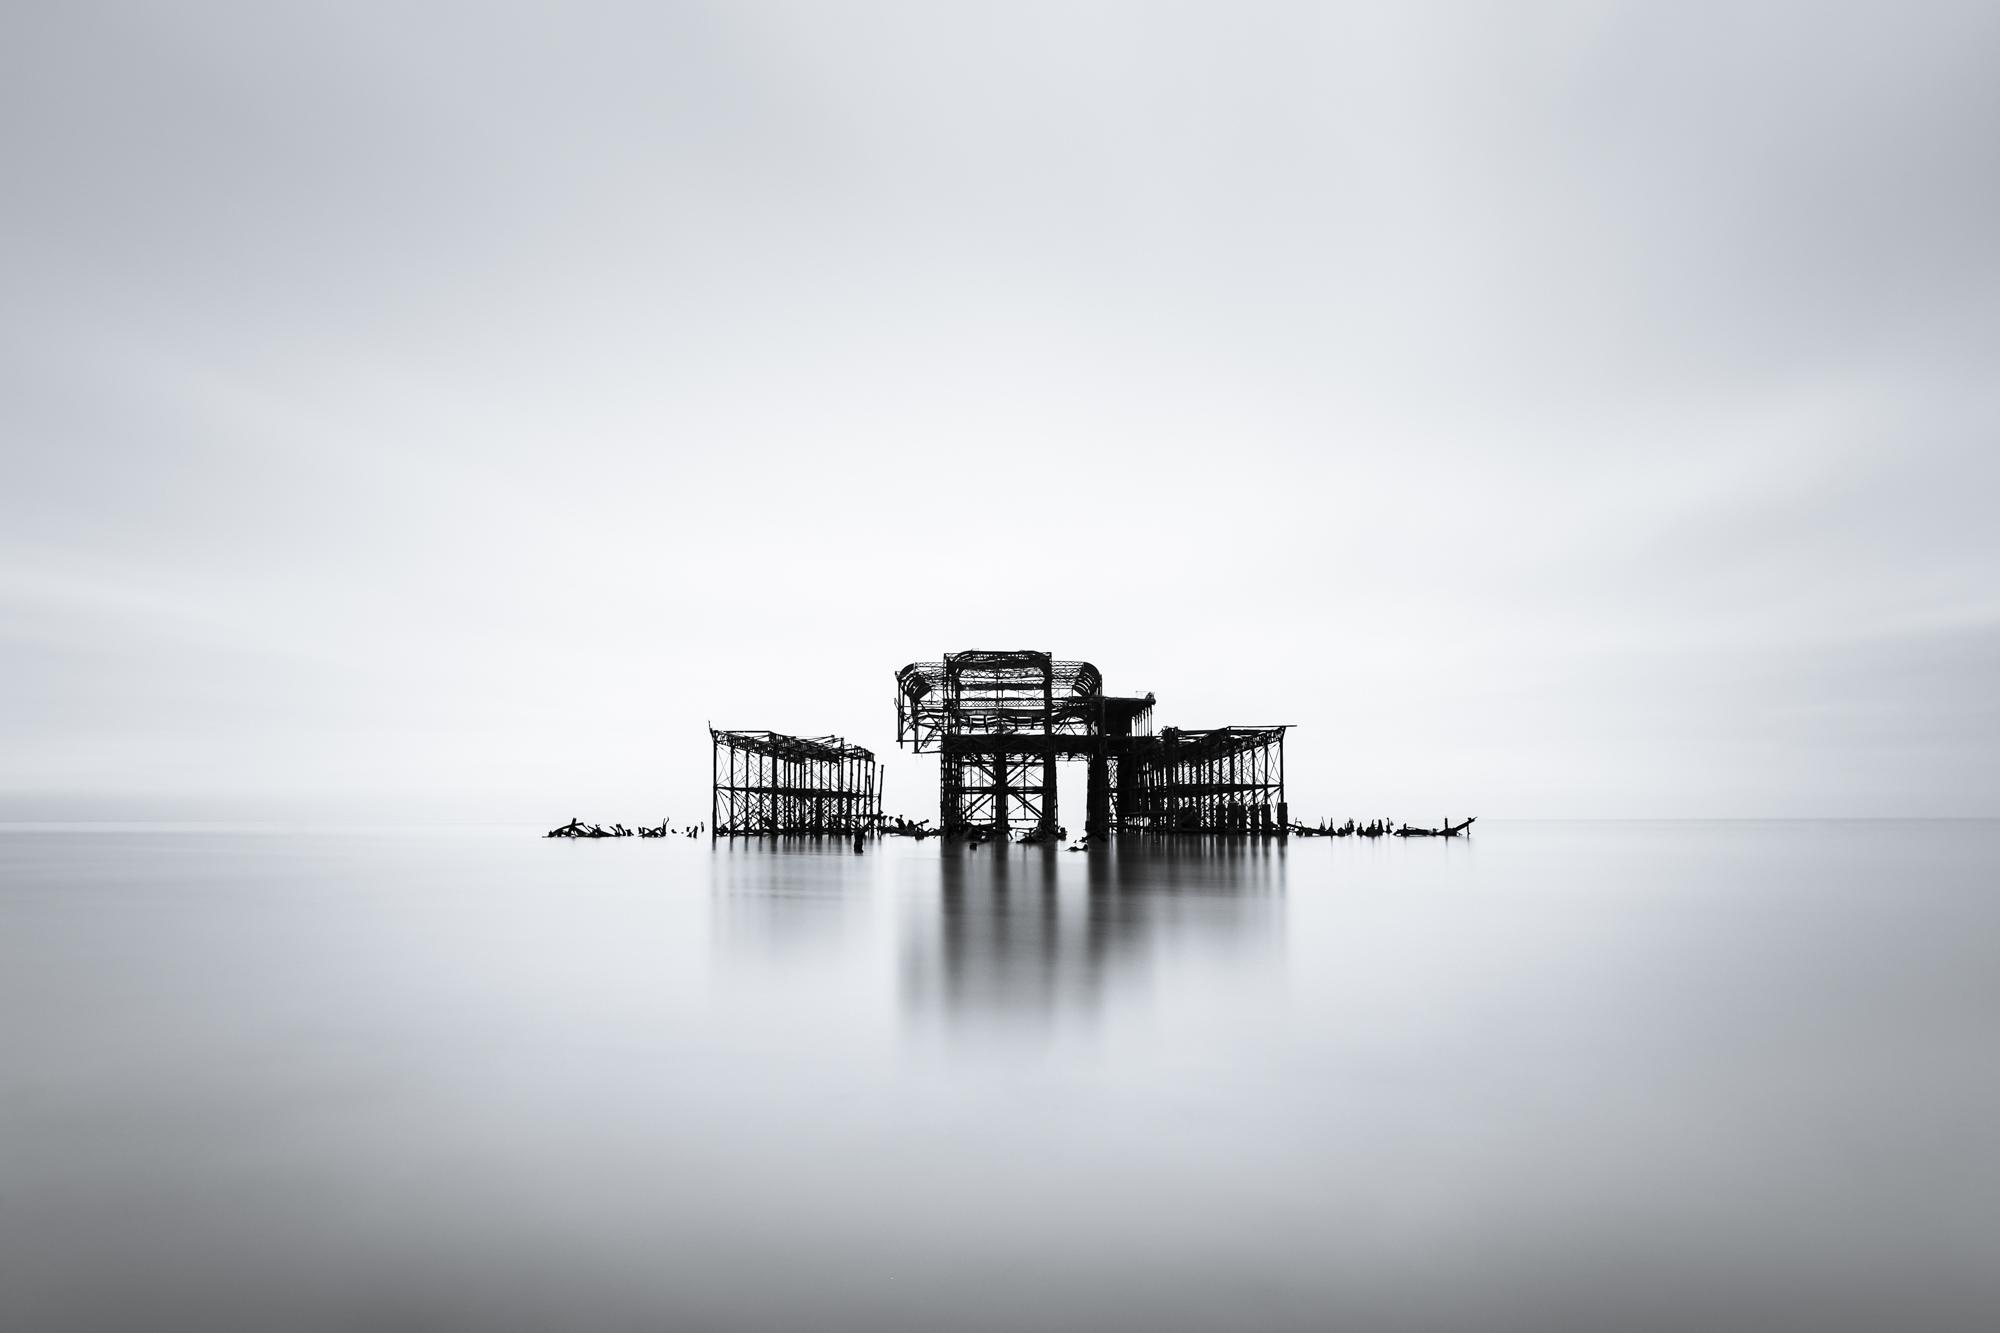 #5 The West Pier